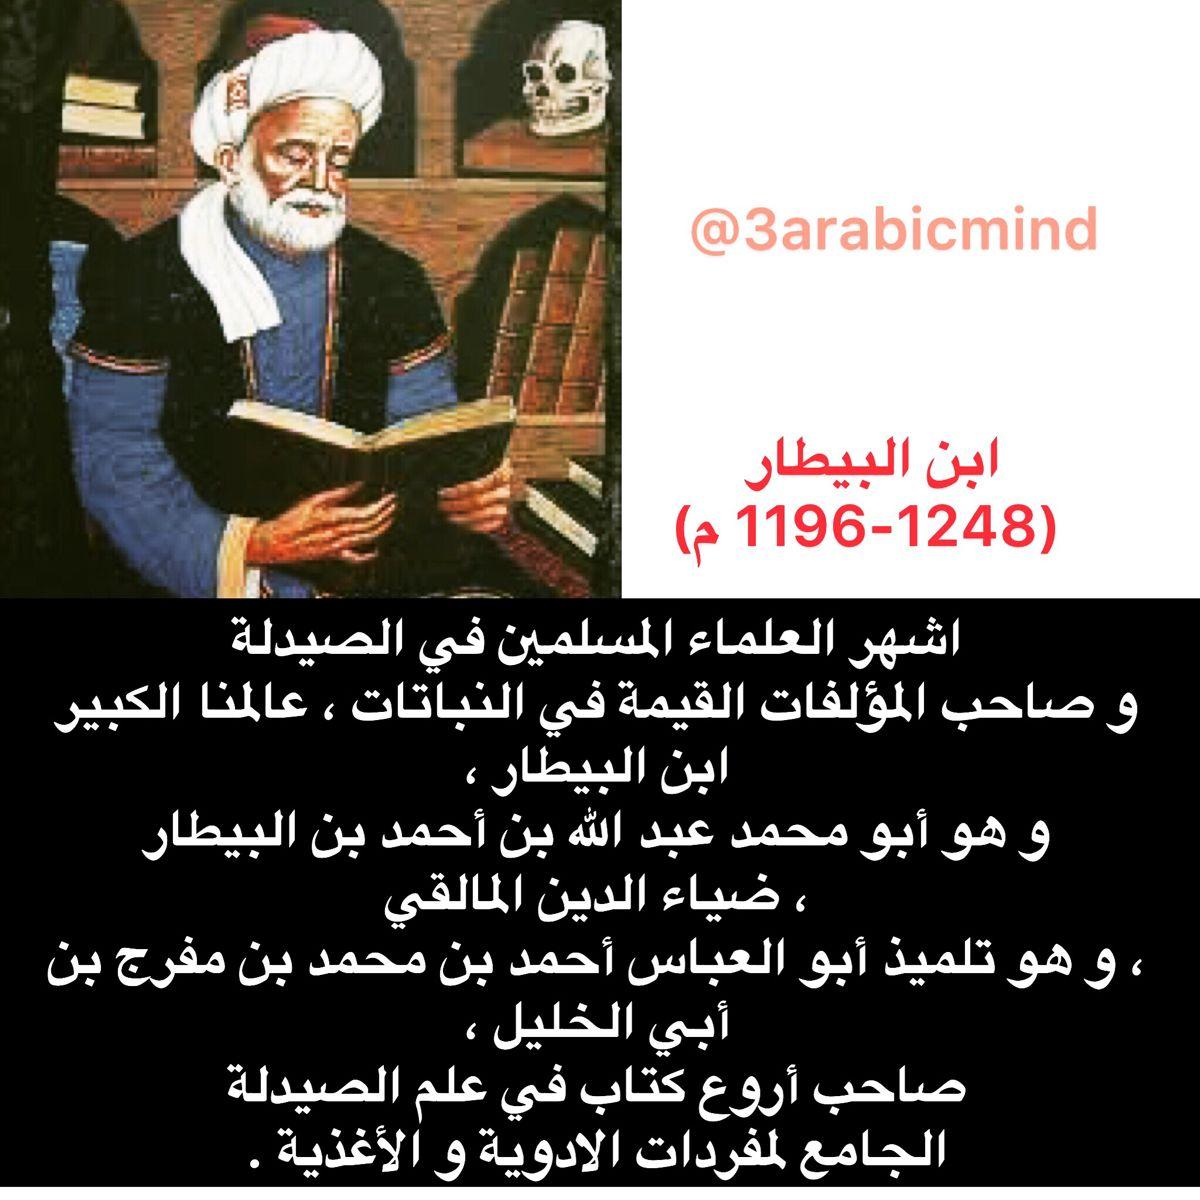 اشهرعلماء العرب و المسلمين في الطب و الصيدلة و الادوية Arabic Quotes Memes Quotes